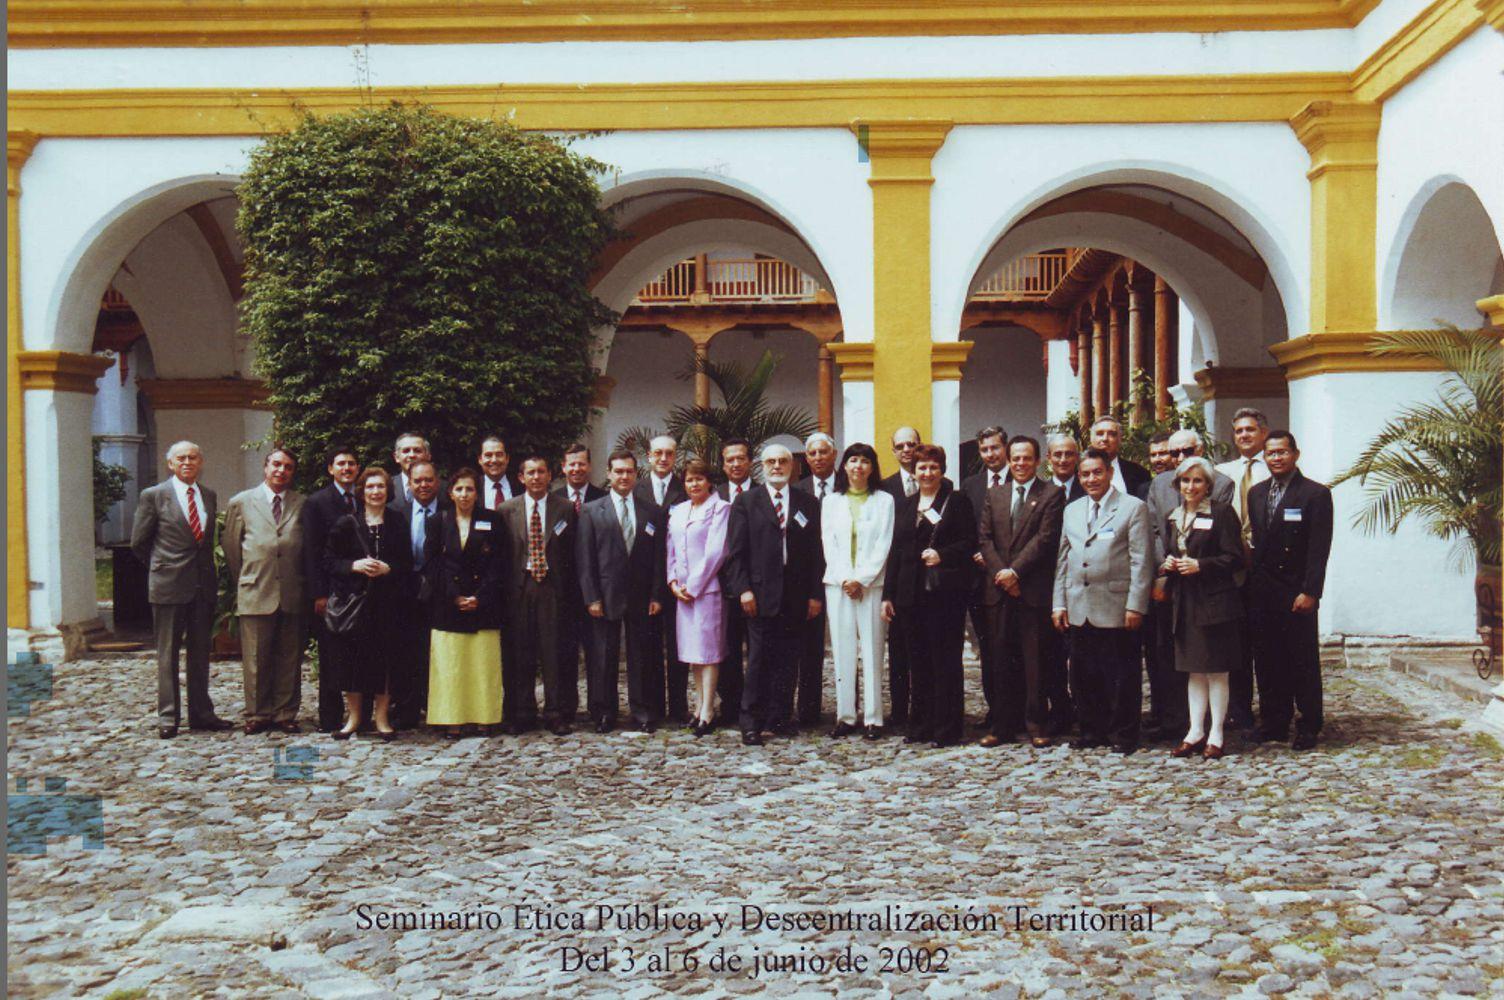 Foto de grupo: La antigua (Guatemala), Junio 2002